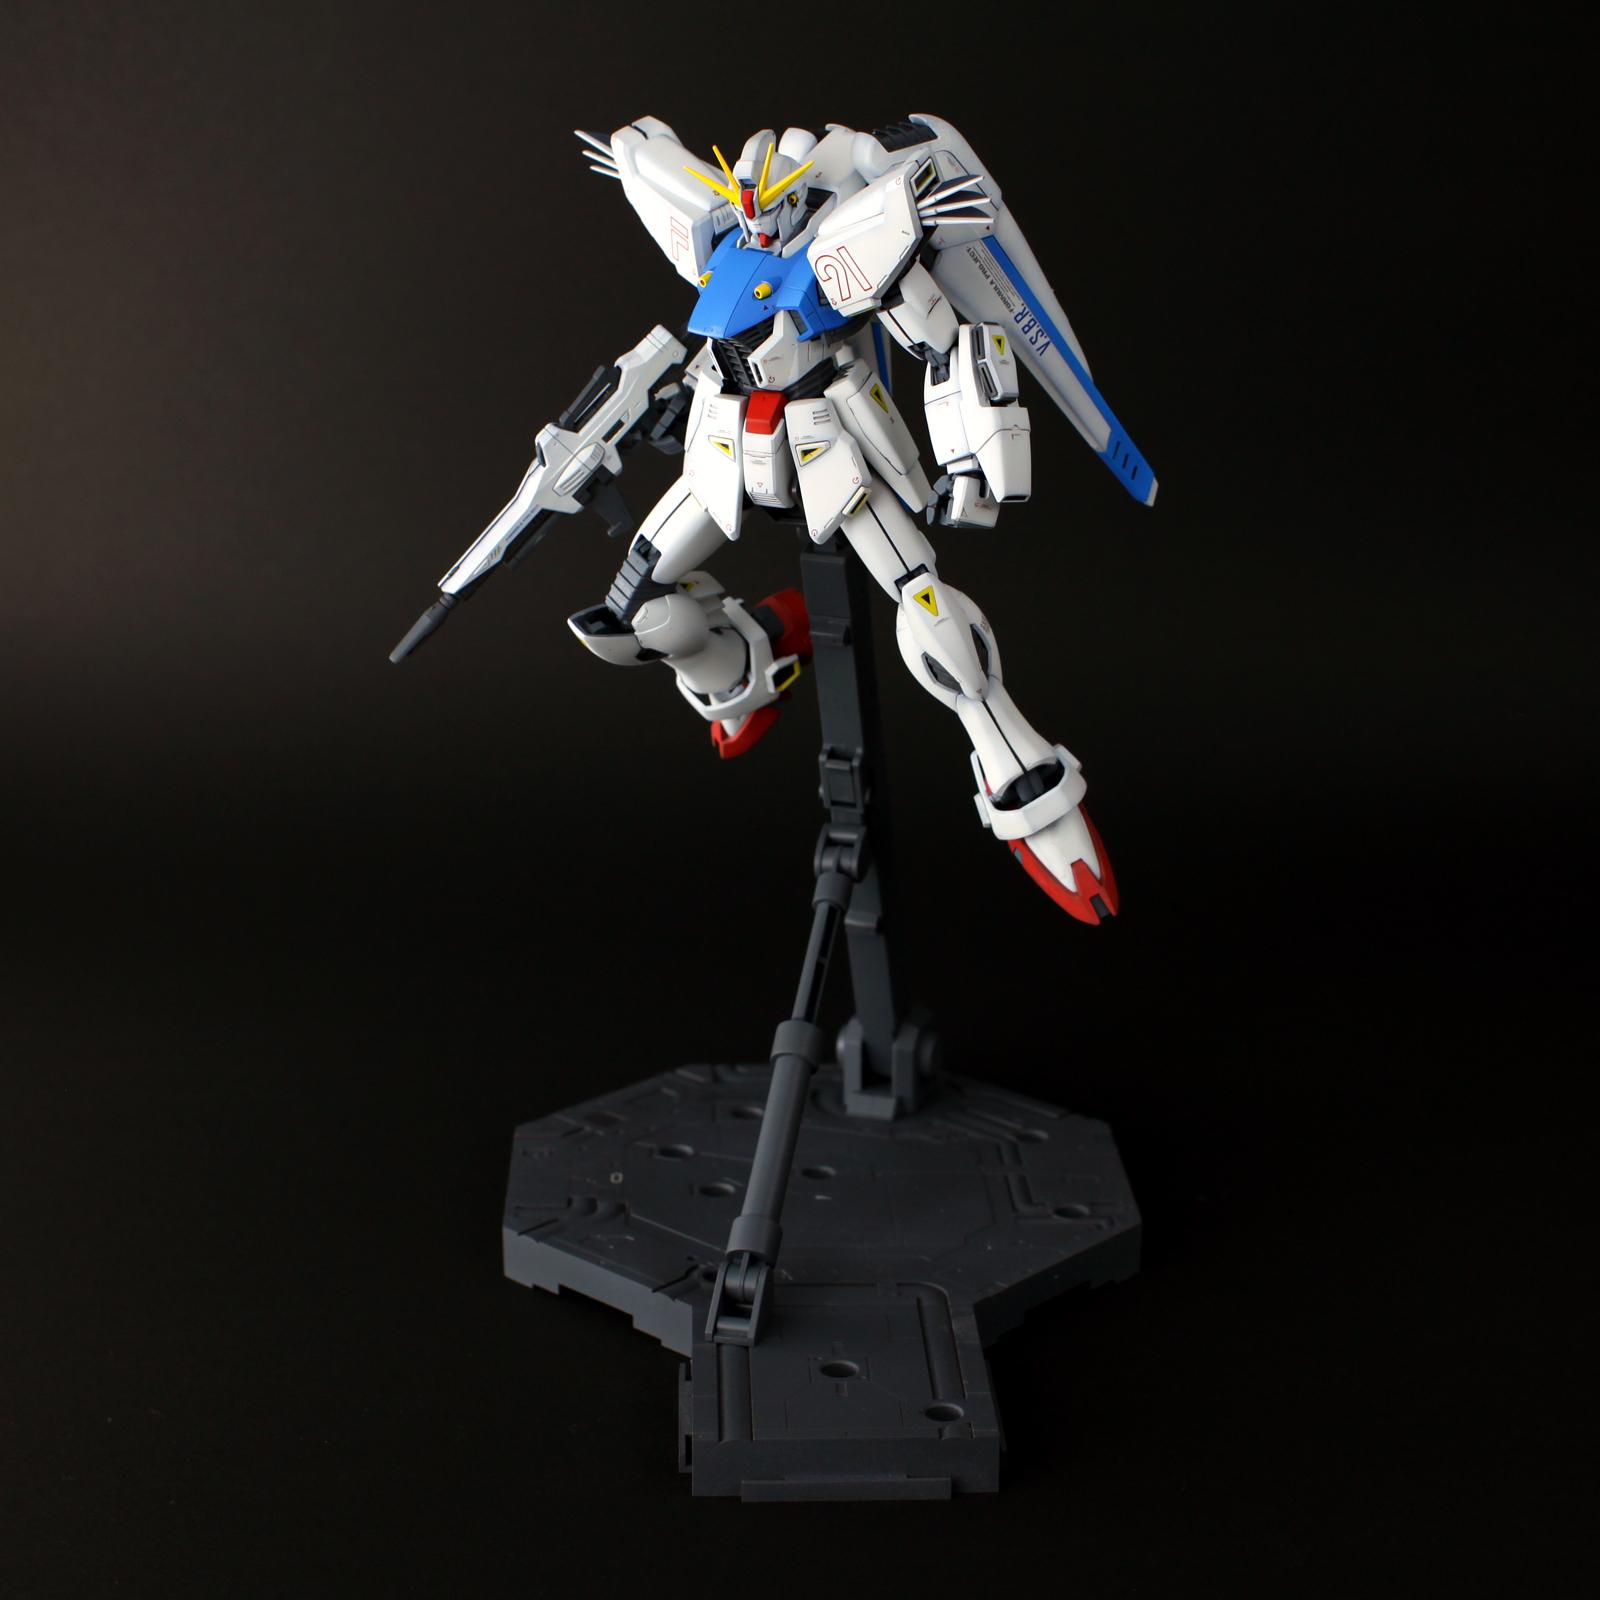 F91「ガンダムF91」1/100 マスターグレード #1